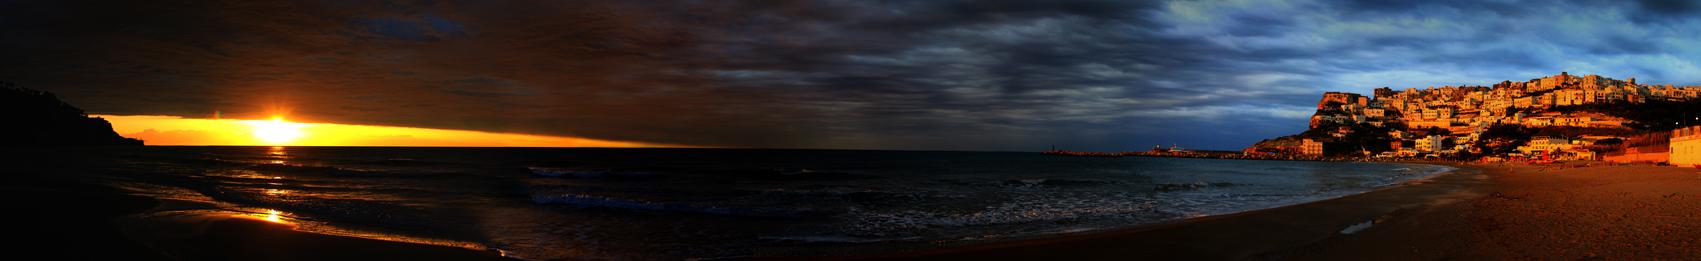 Sonnenuntergang nach heftigem Gewitter